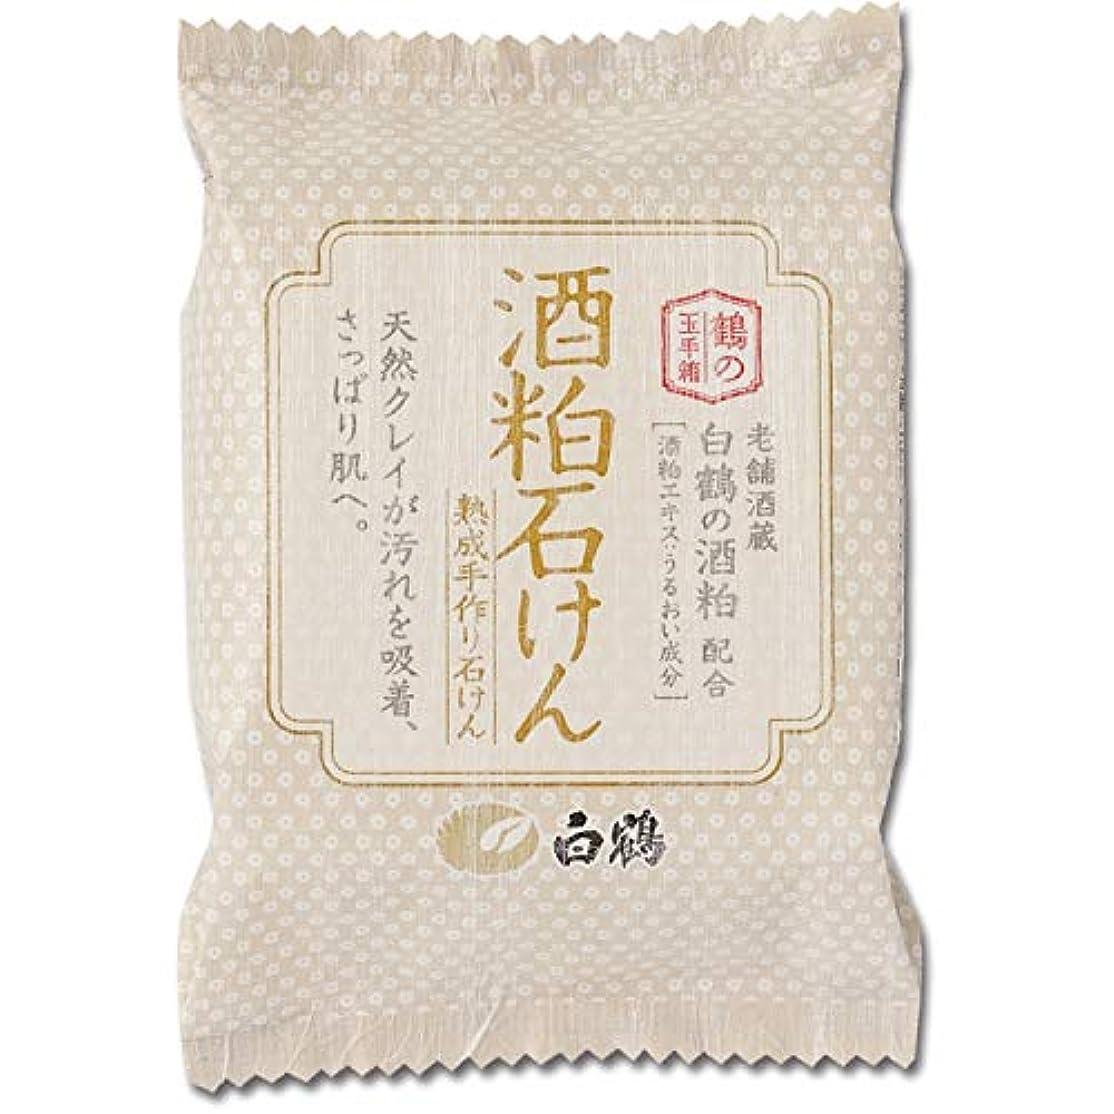 同級生涙開始白鶴 鶴の玉手箱 酒粕石けん 100g (全身用石鹸)